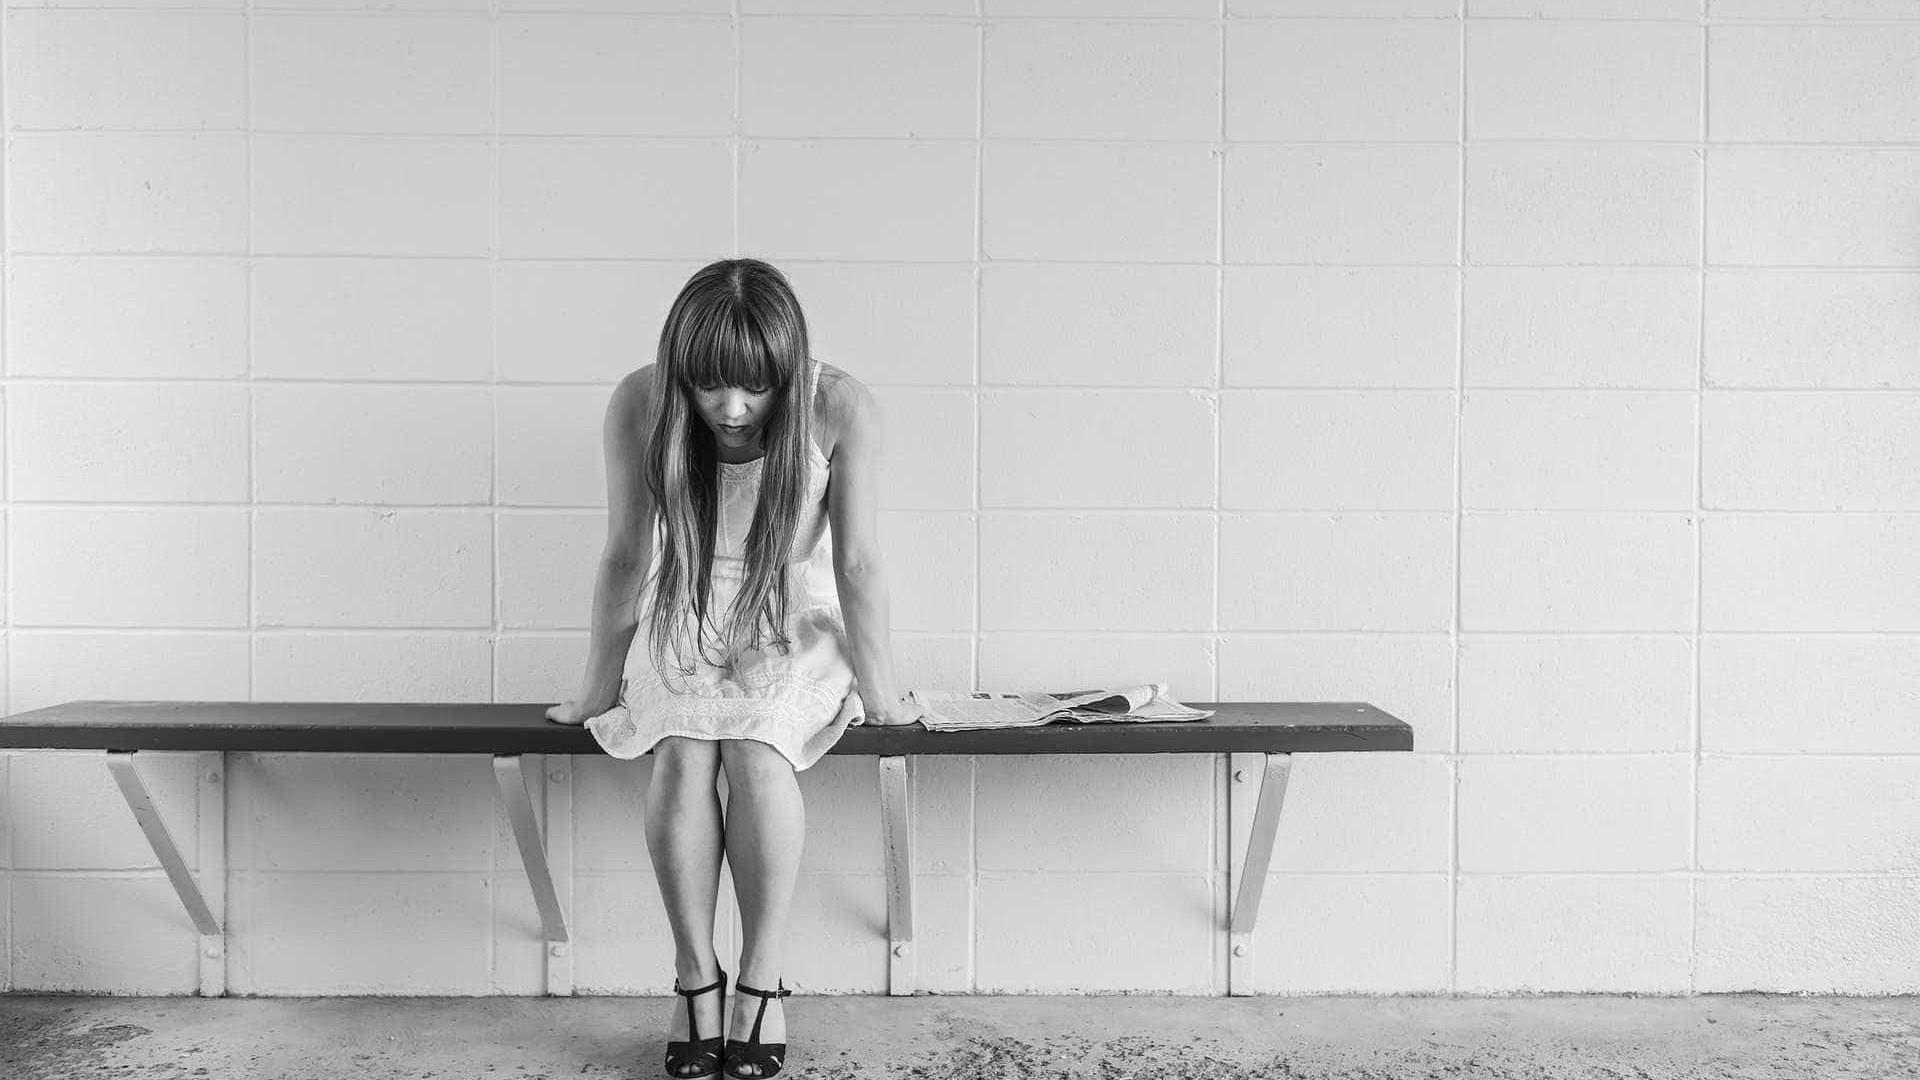 Taxa de suicídio entre jovens brasileiros sobe 10% desde 2002